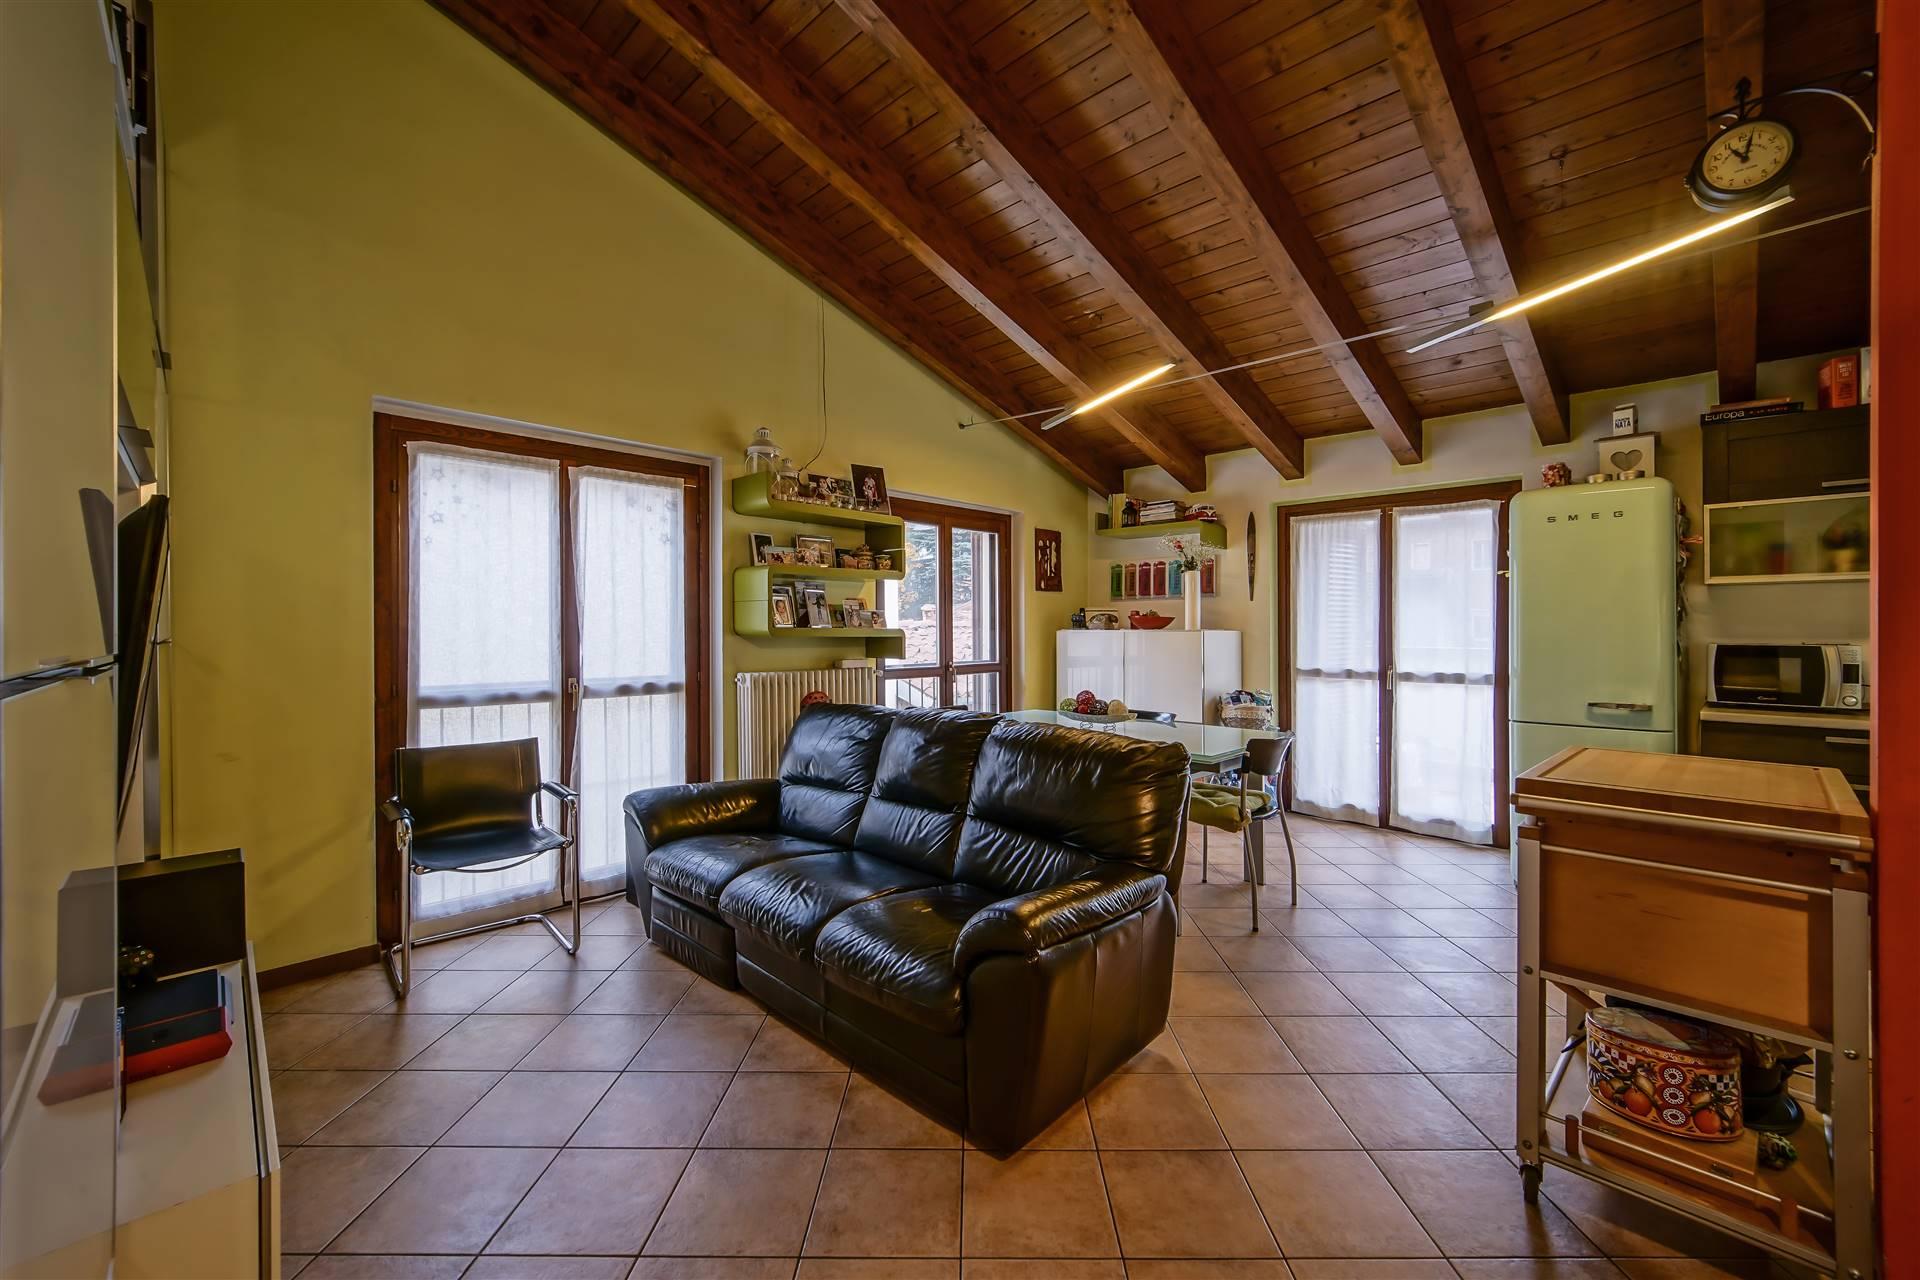 Appartamento in vendita a Calolziocorte, 3 locali, prezzo € 150.000 | CambioCasa.it